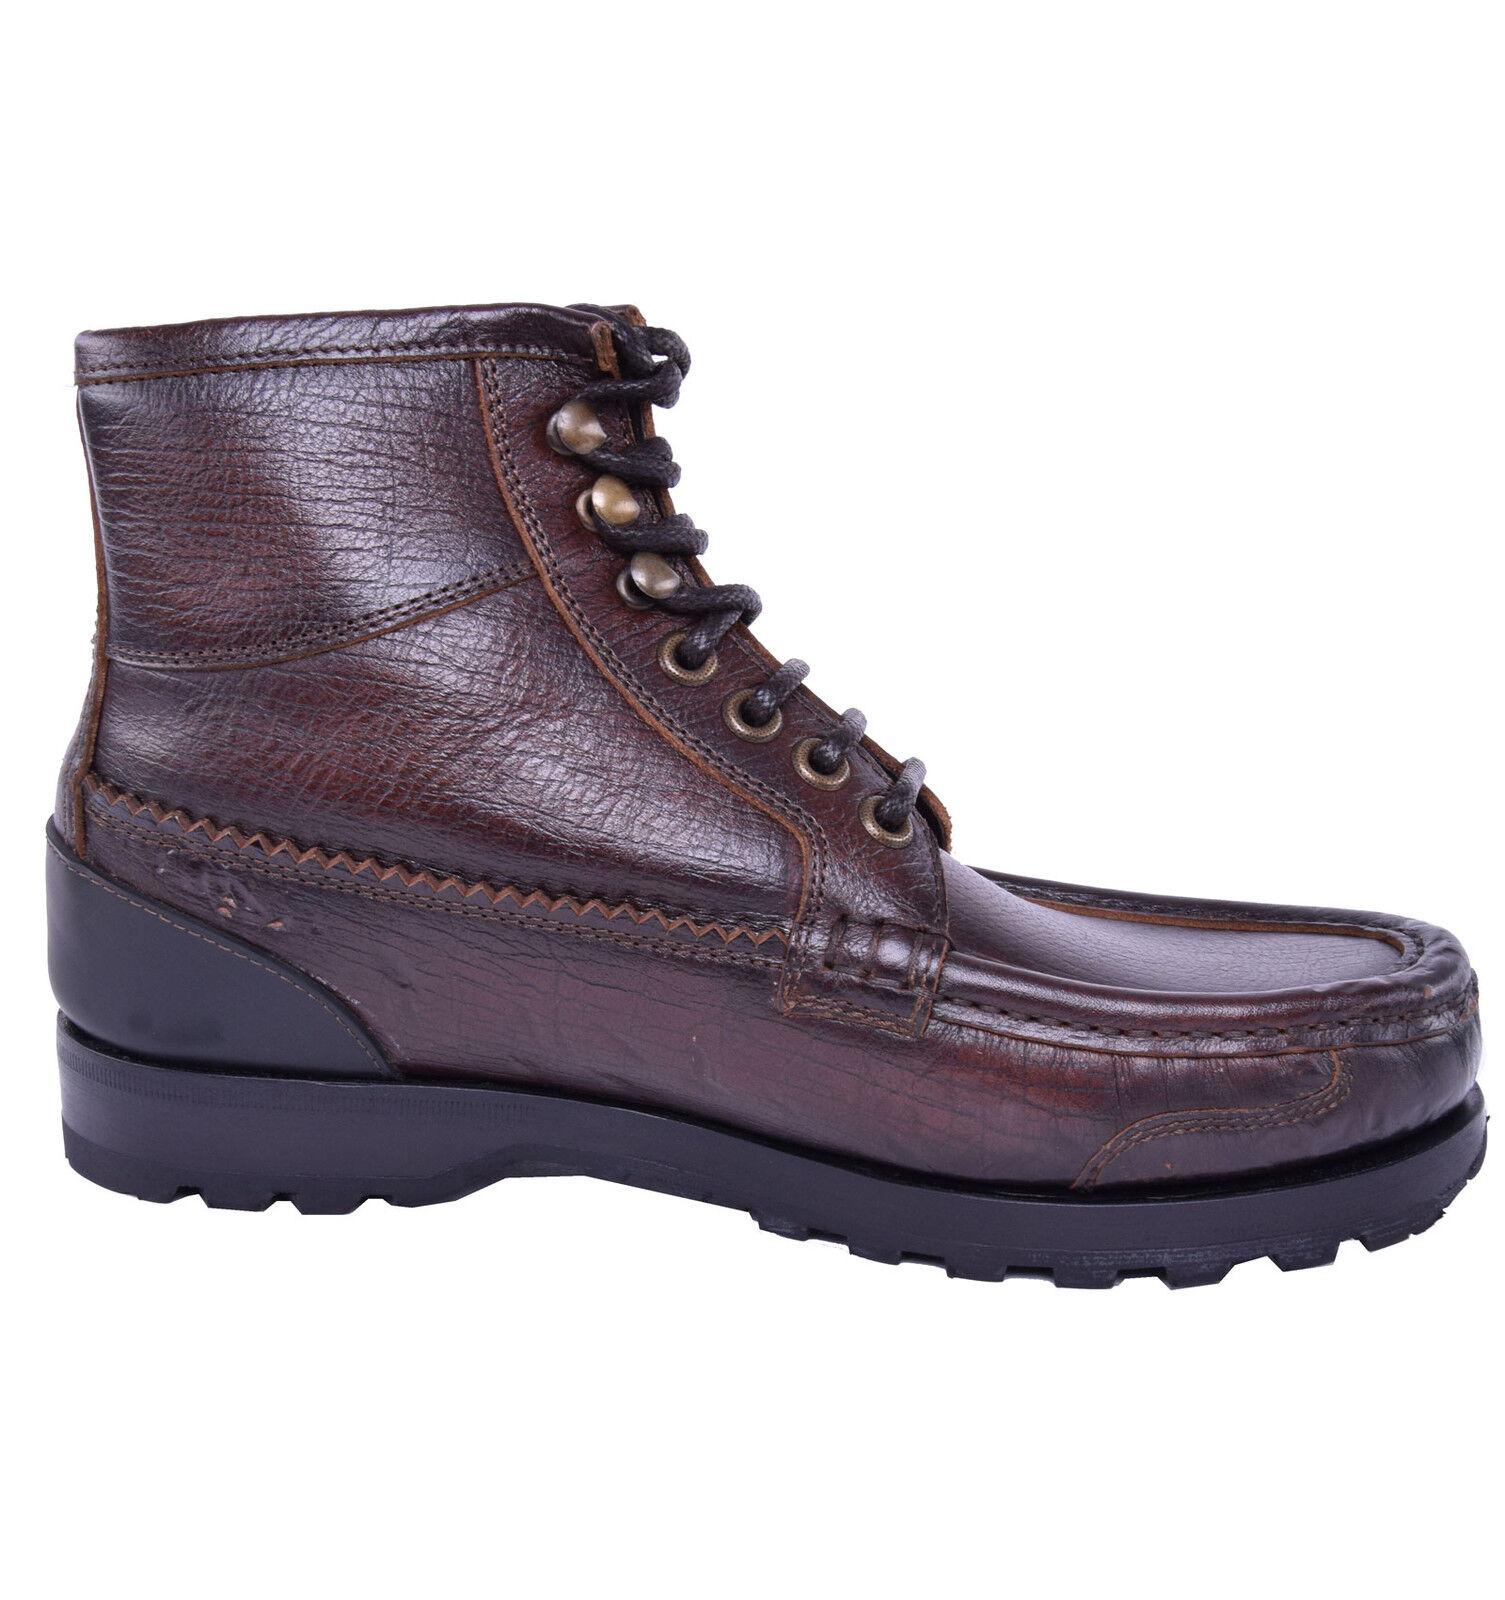 DOLCE & Braun GABBANA Allwetter Siracusa Stiefeletten Zapatos Braun & botas Marrón 03827 8d0c05